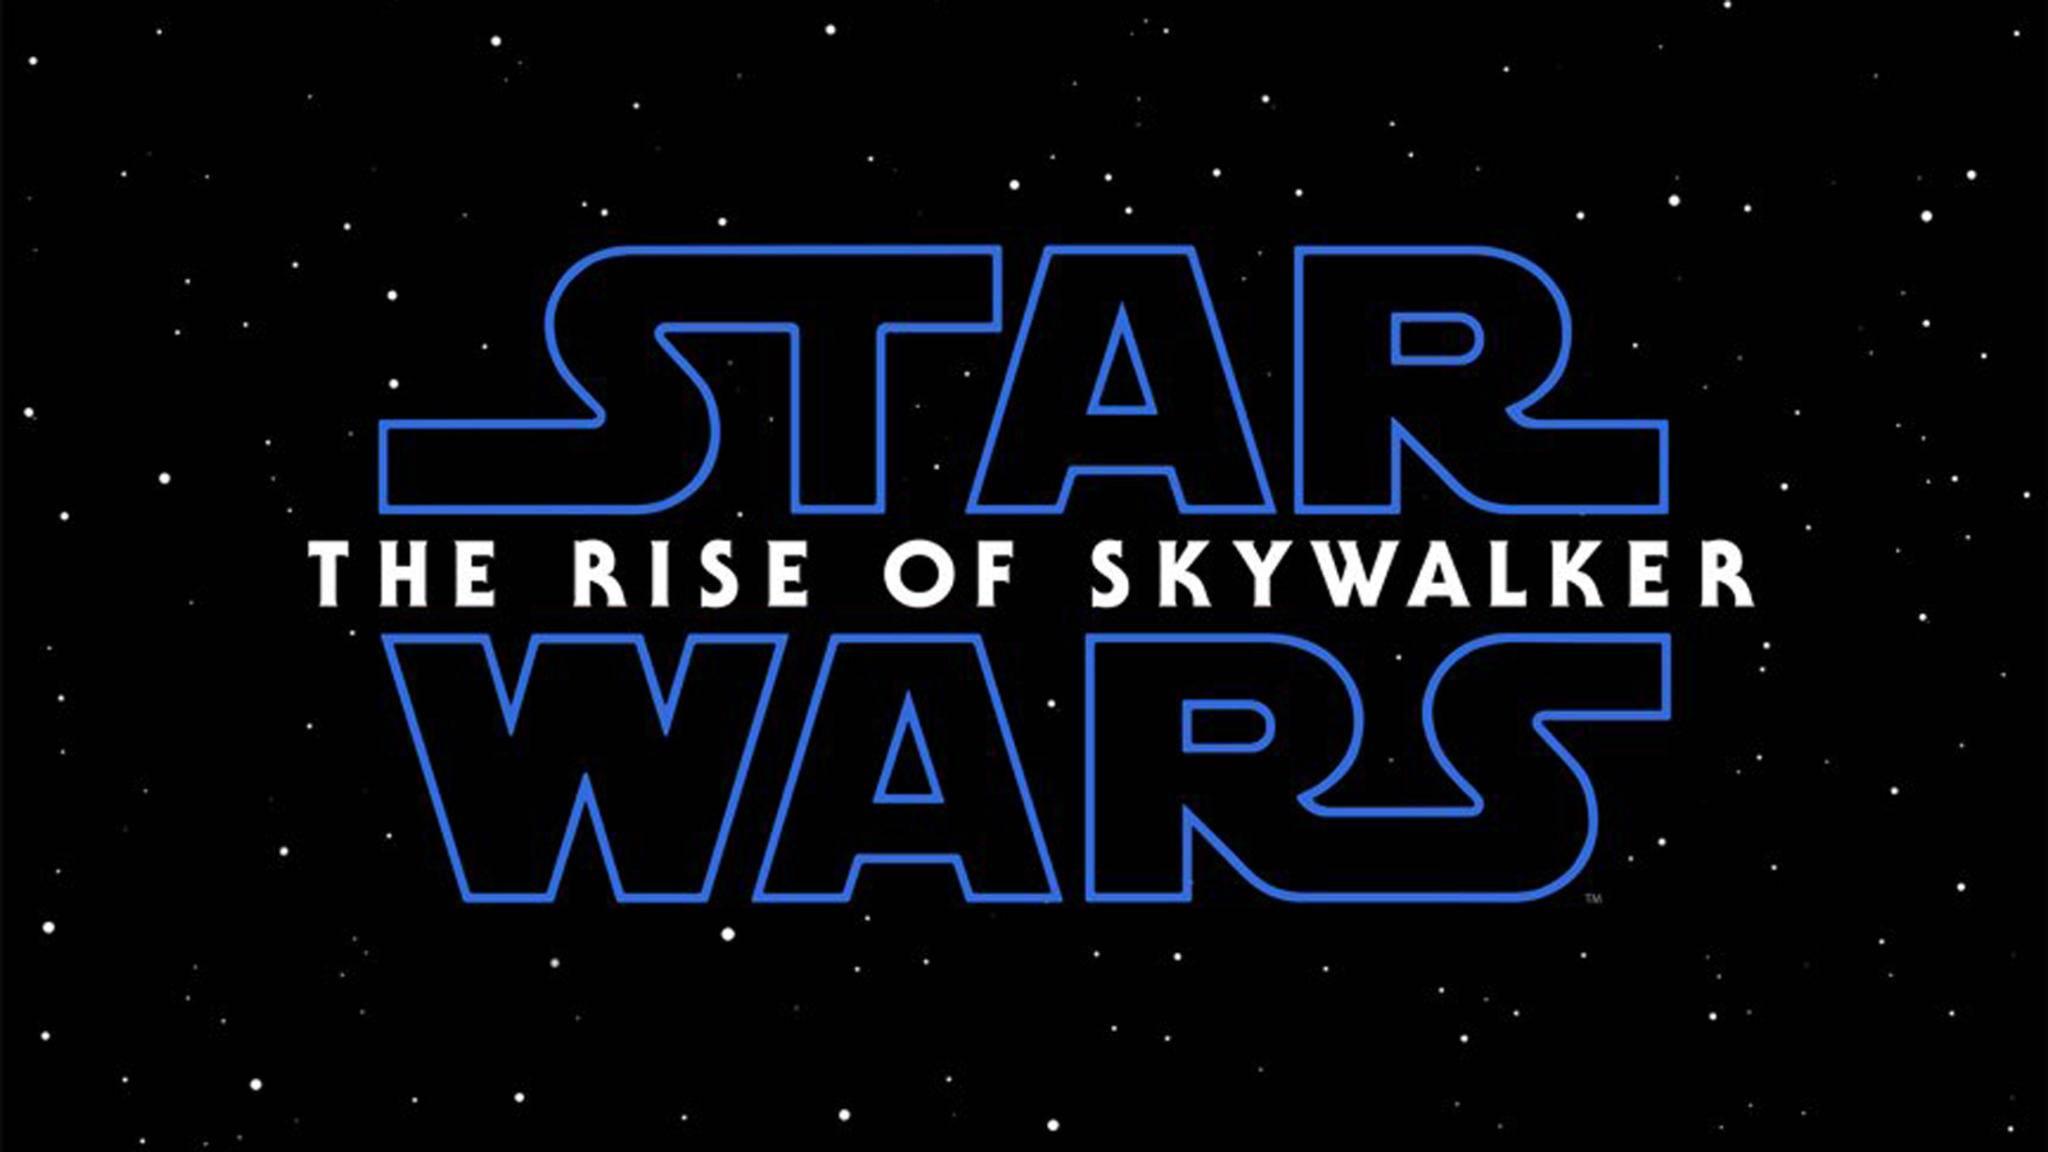 """Dieses erste """"Star Wars""""-Plakat zu """"The Rise of Skywalker"""" sorgt für reichlich Schmunzler."""